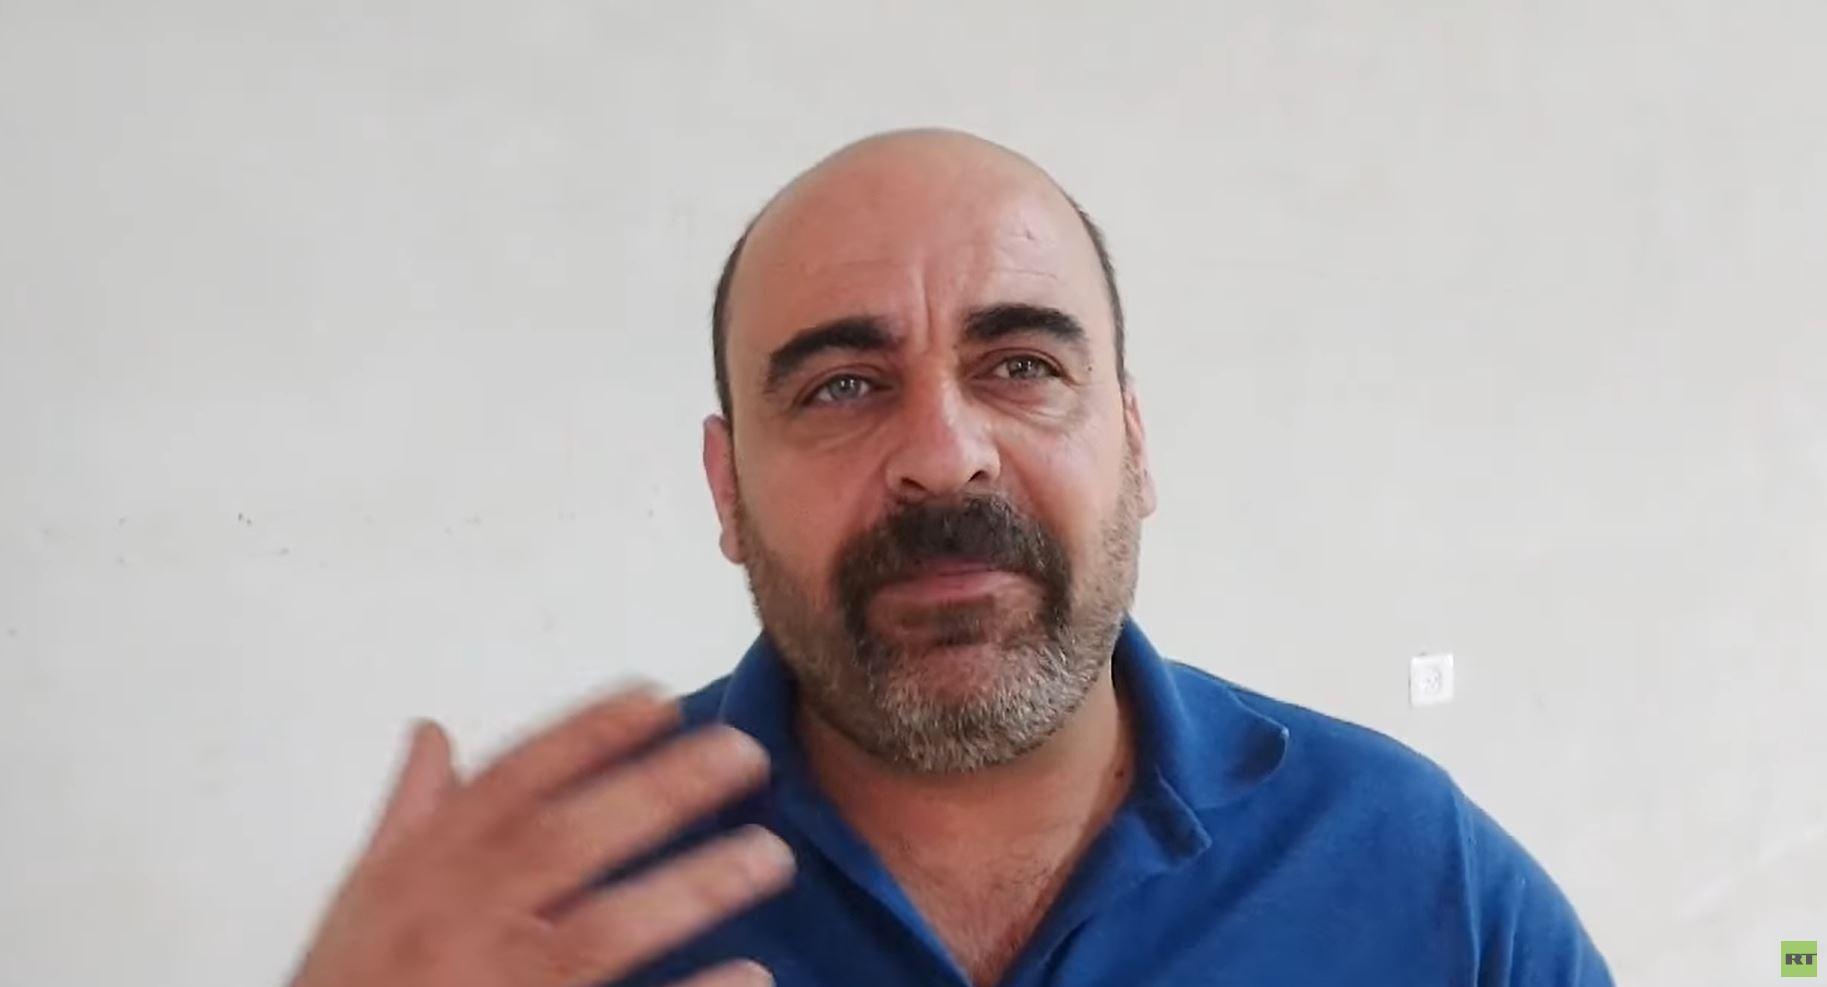 رئيس الوزراء الفلسطيني يأمر بفتح تحقيق فوري في ظروف وفاة الناشط نزار بنات خلال اعتقاله من قبل الأمن